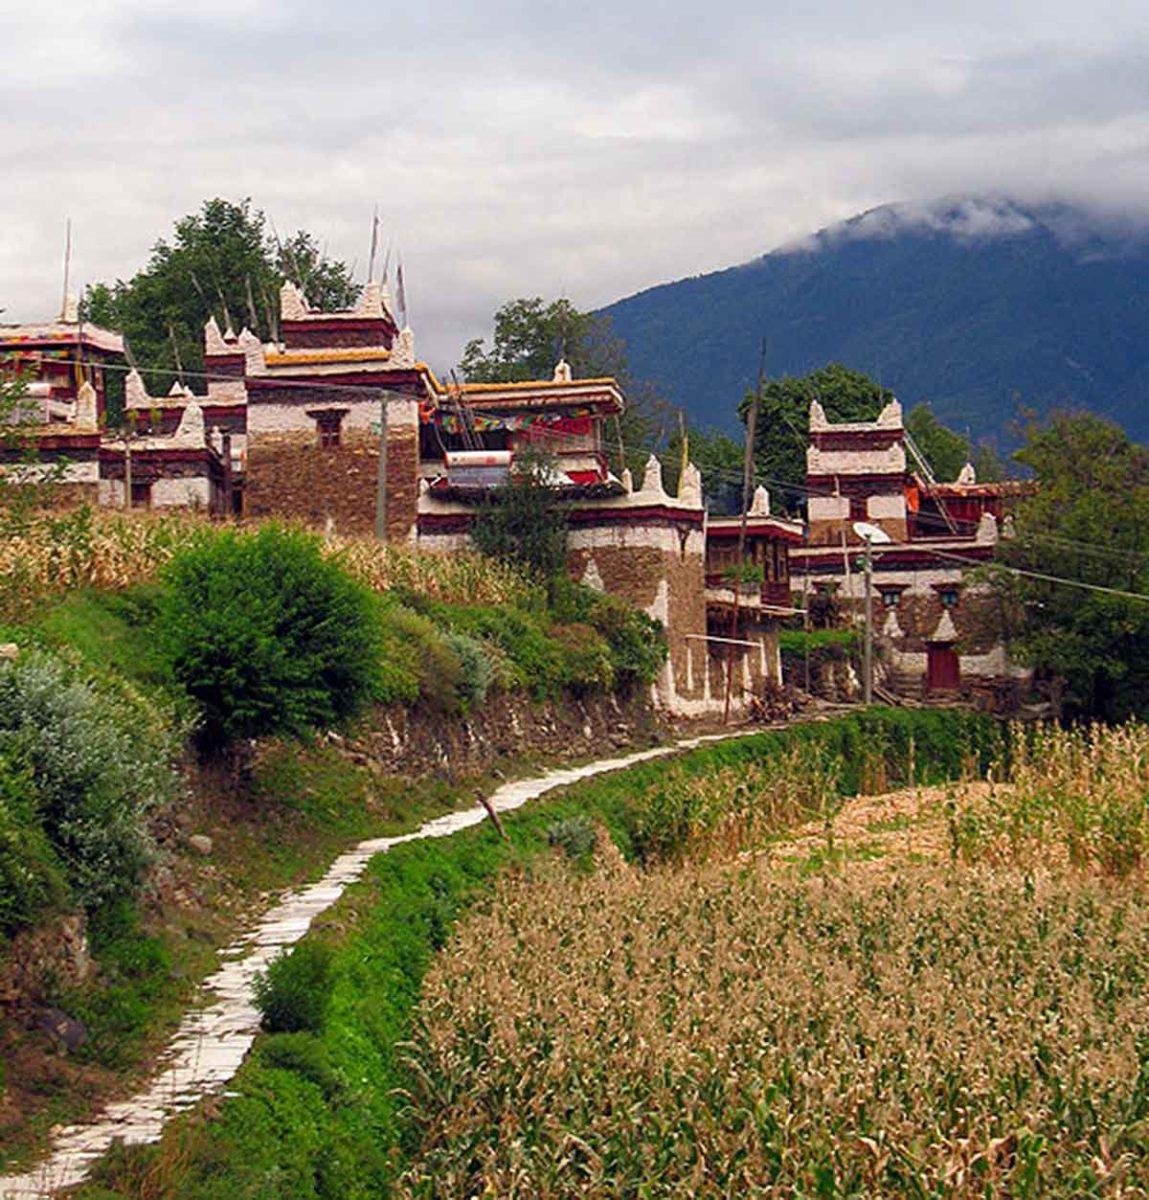 Village homes in Jiaju, Kham.